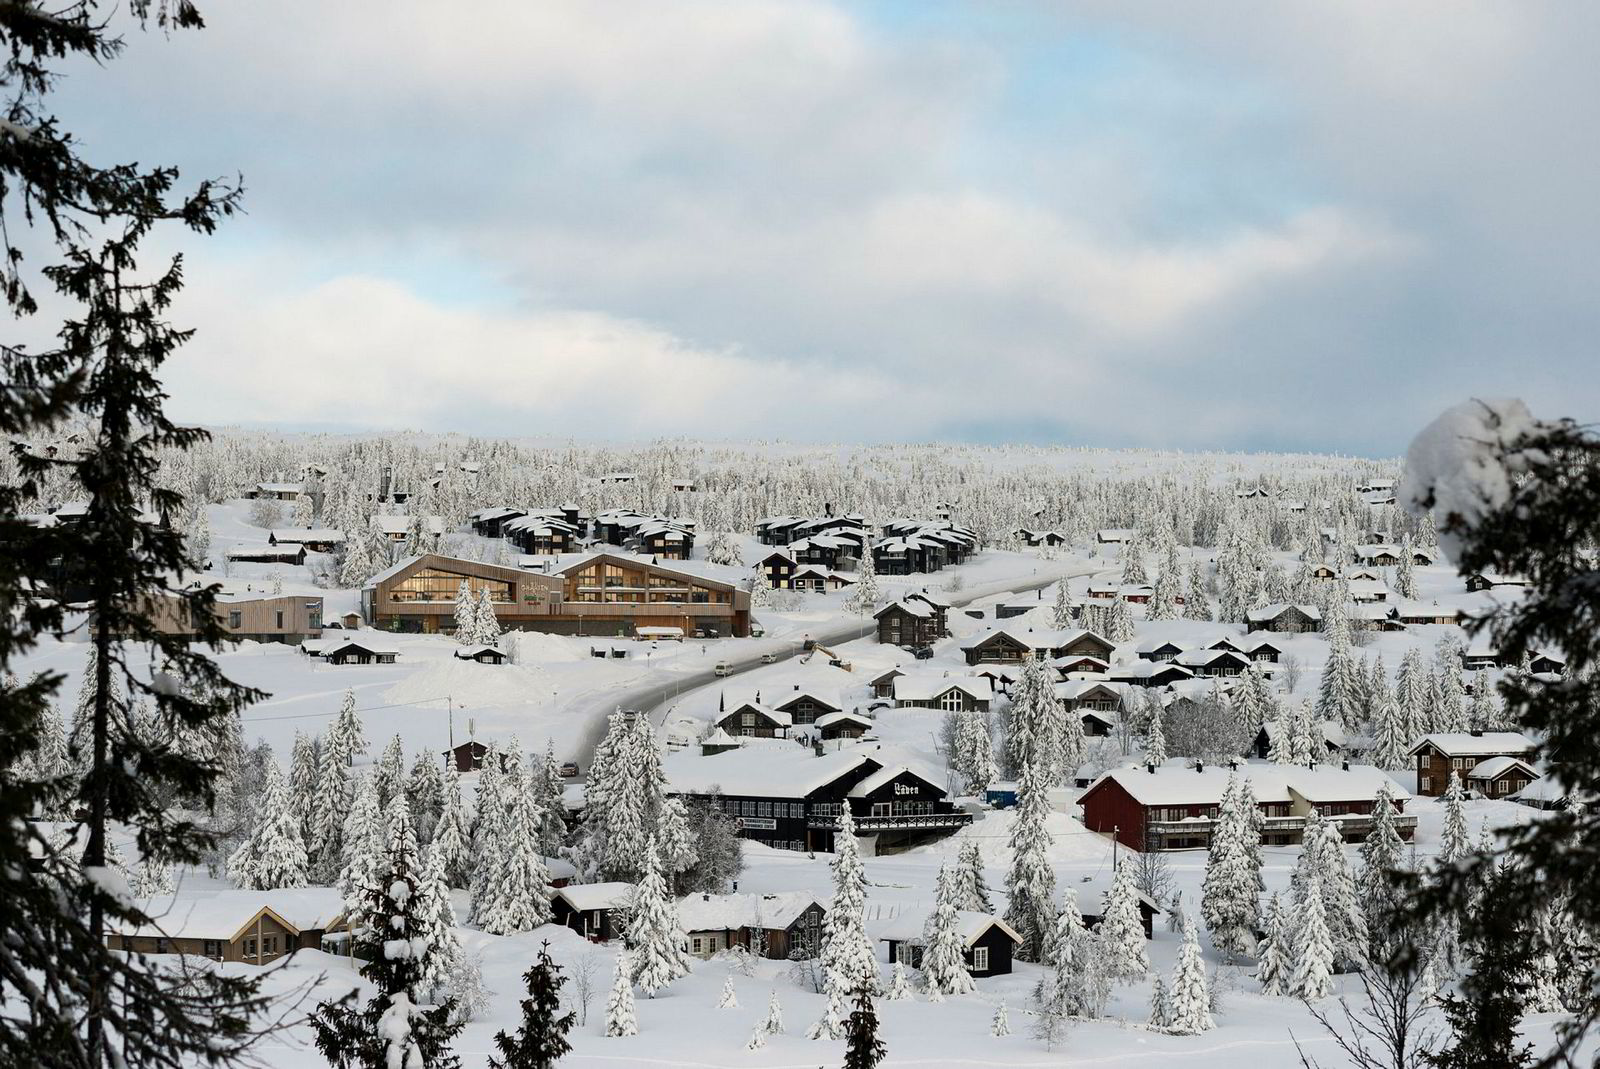 Underskriftskampanje, fakkeltog og advokatkrangel. Velkommen til Sjusjøen, landets mest populære hytteparadis.